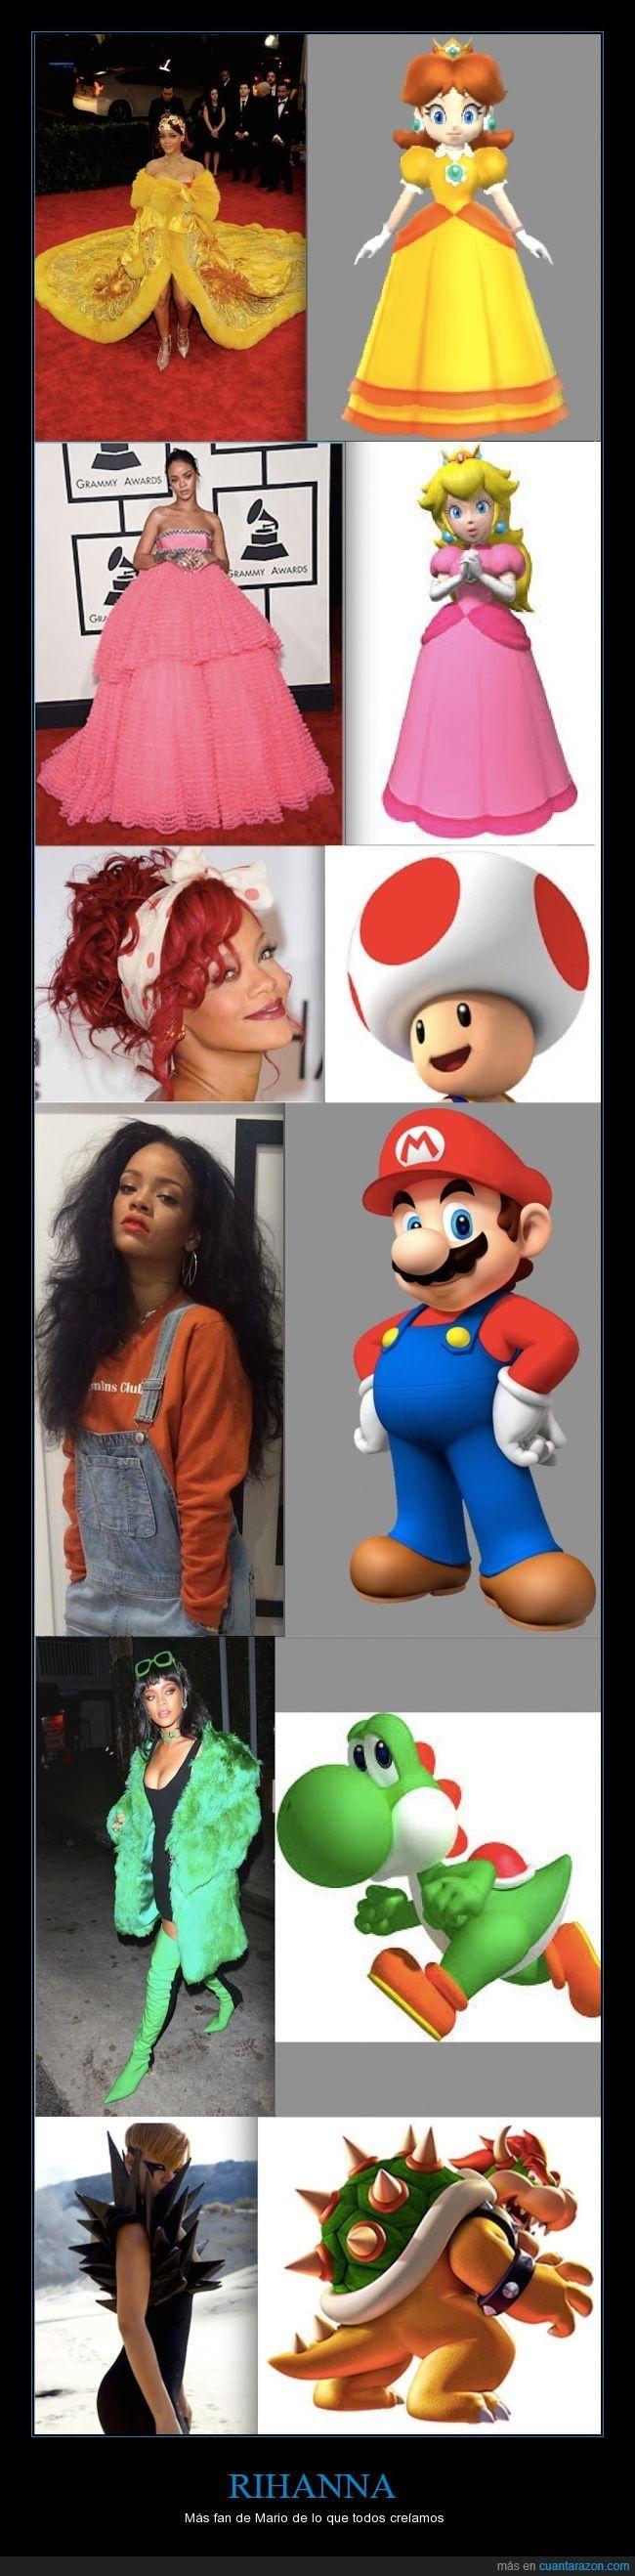 ¿Es Rihanna la más gamer? :O